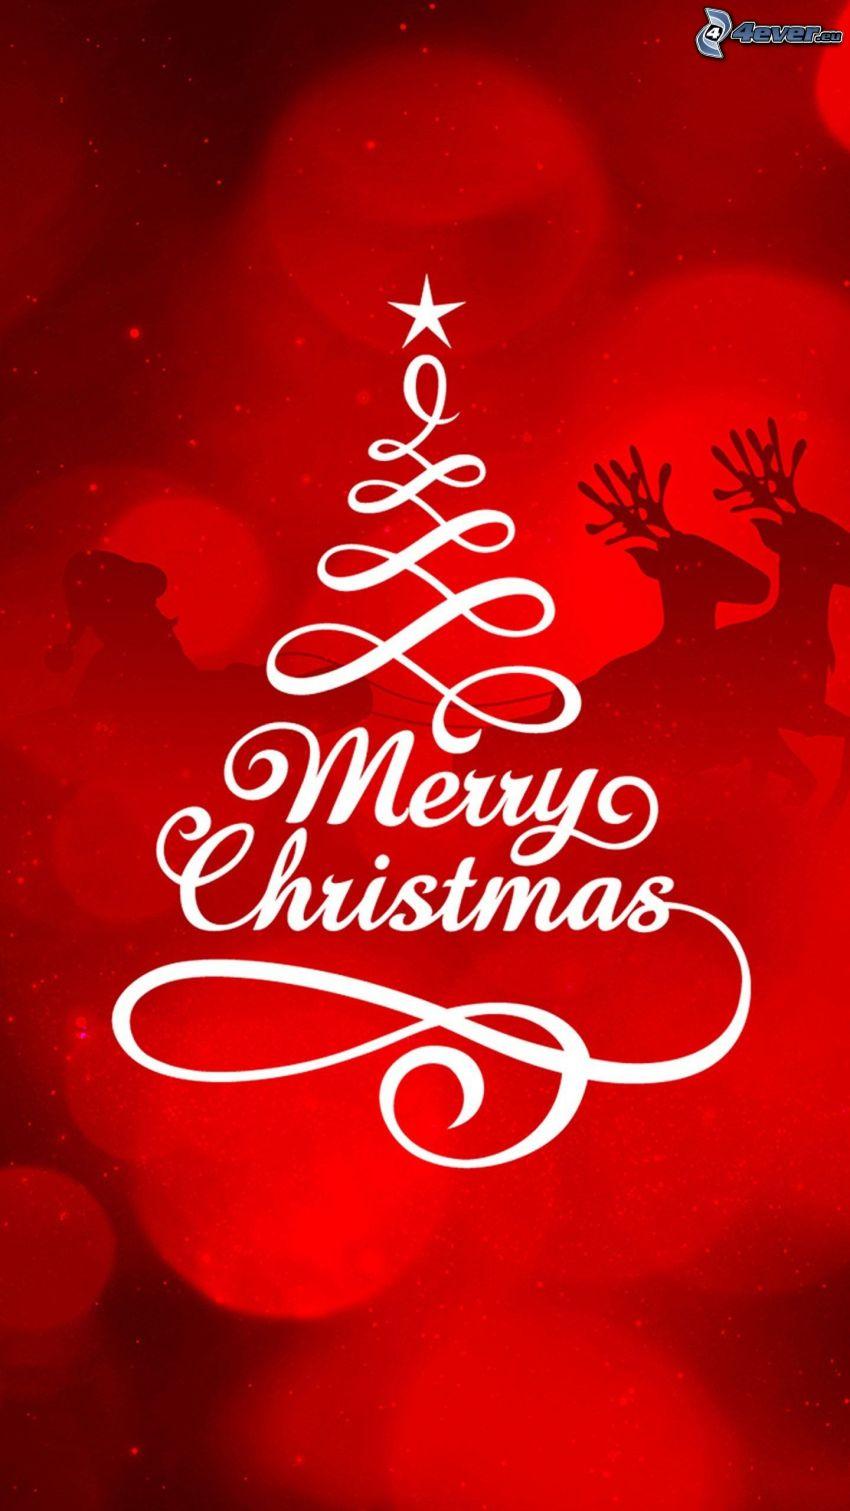 Merry Christmas, Rentiere, Schlitten, Santa Claus, Silhouetten, Weihnachtsbaum, roter Hintergrund